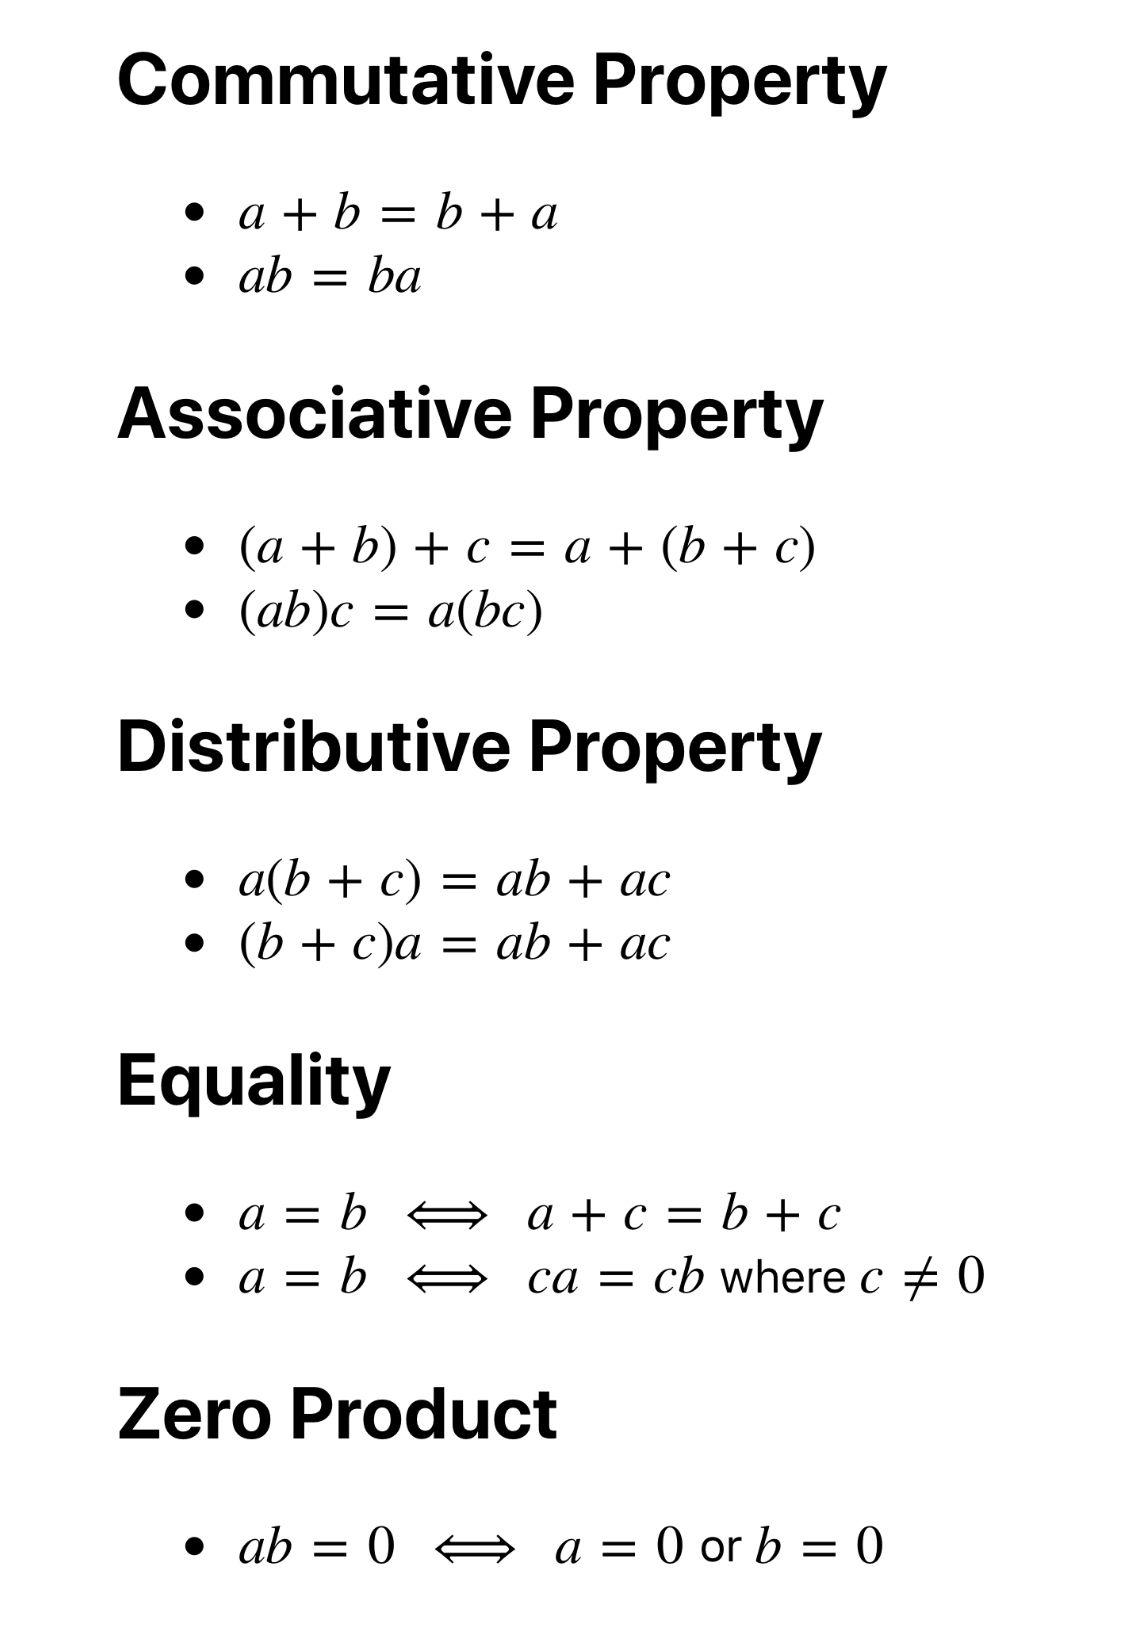 Pin By Elaina Espinosa On Algebra Classroom